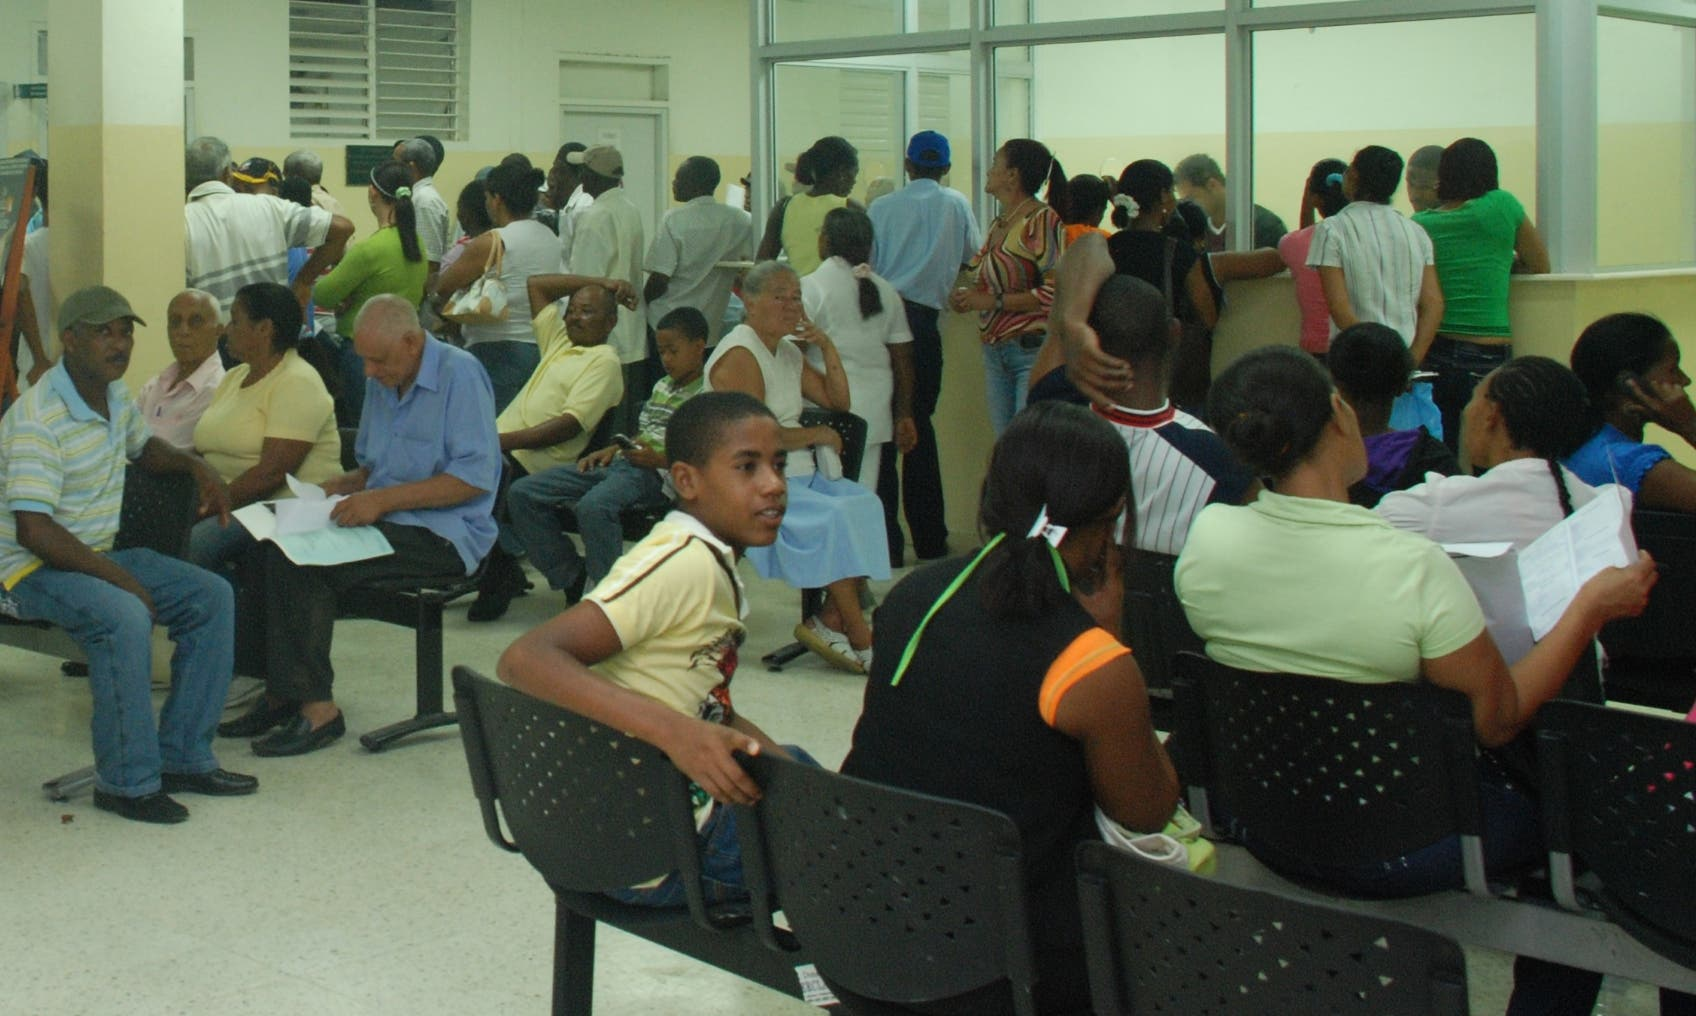 La DIDA, en medio de la crisis, abrirá un local en Neyba gracias al apoyo de la Fundación Padrinos de las Escuelas de Bahoruco.